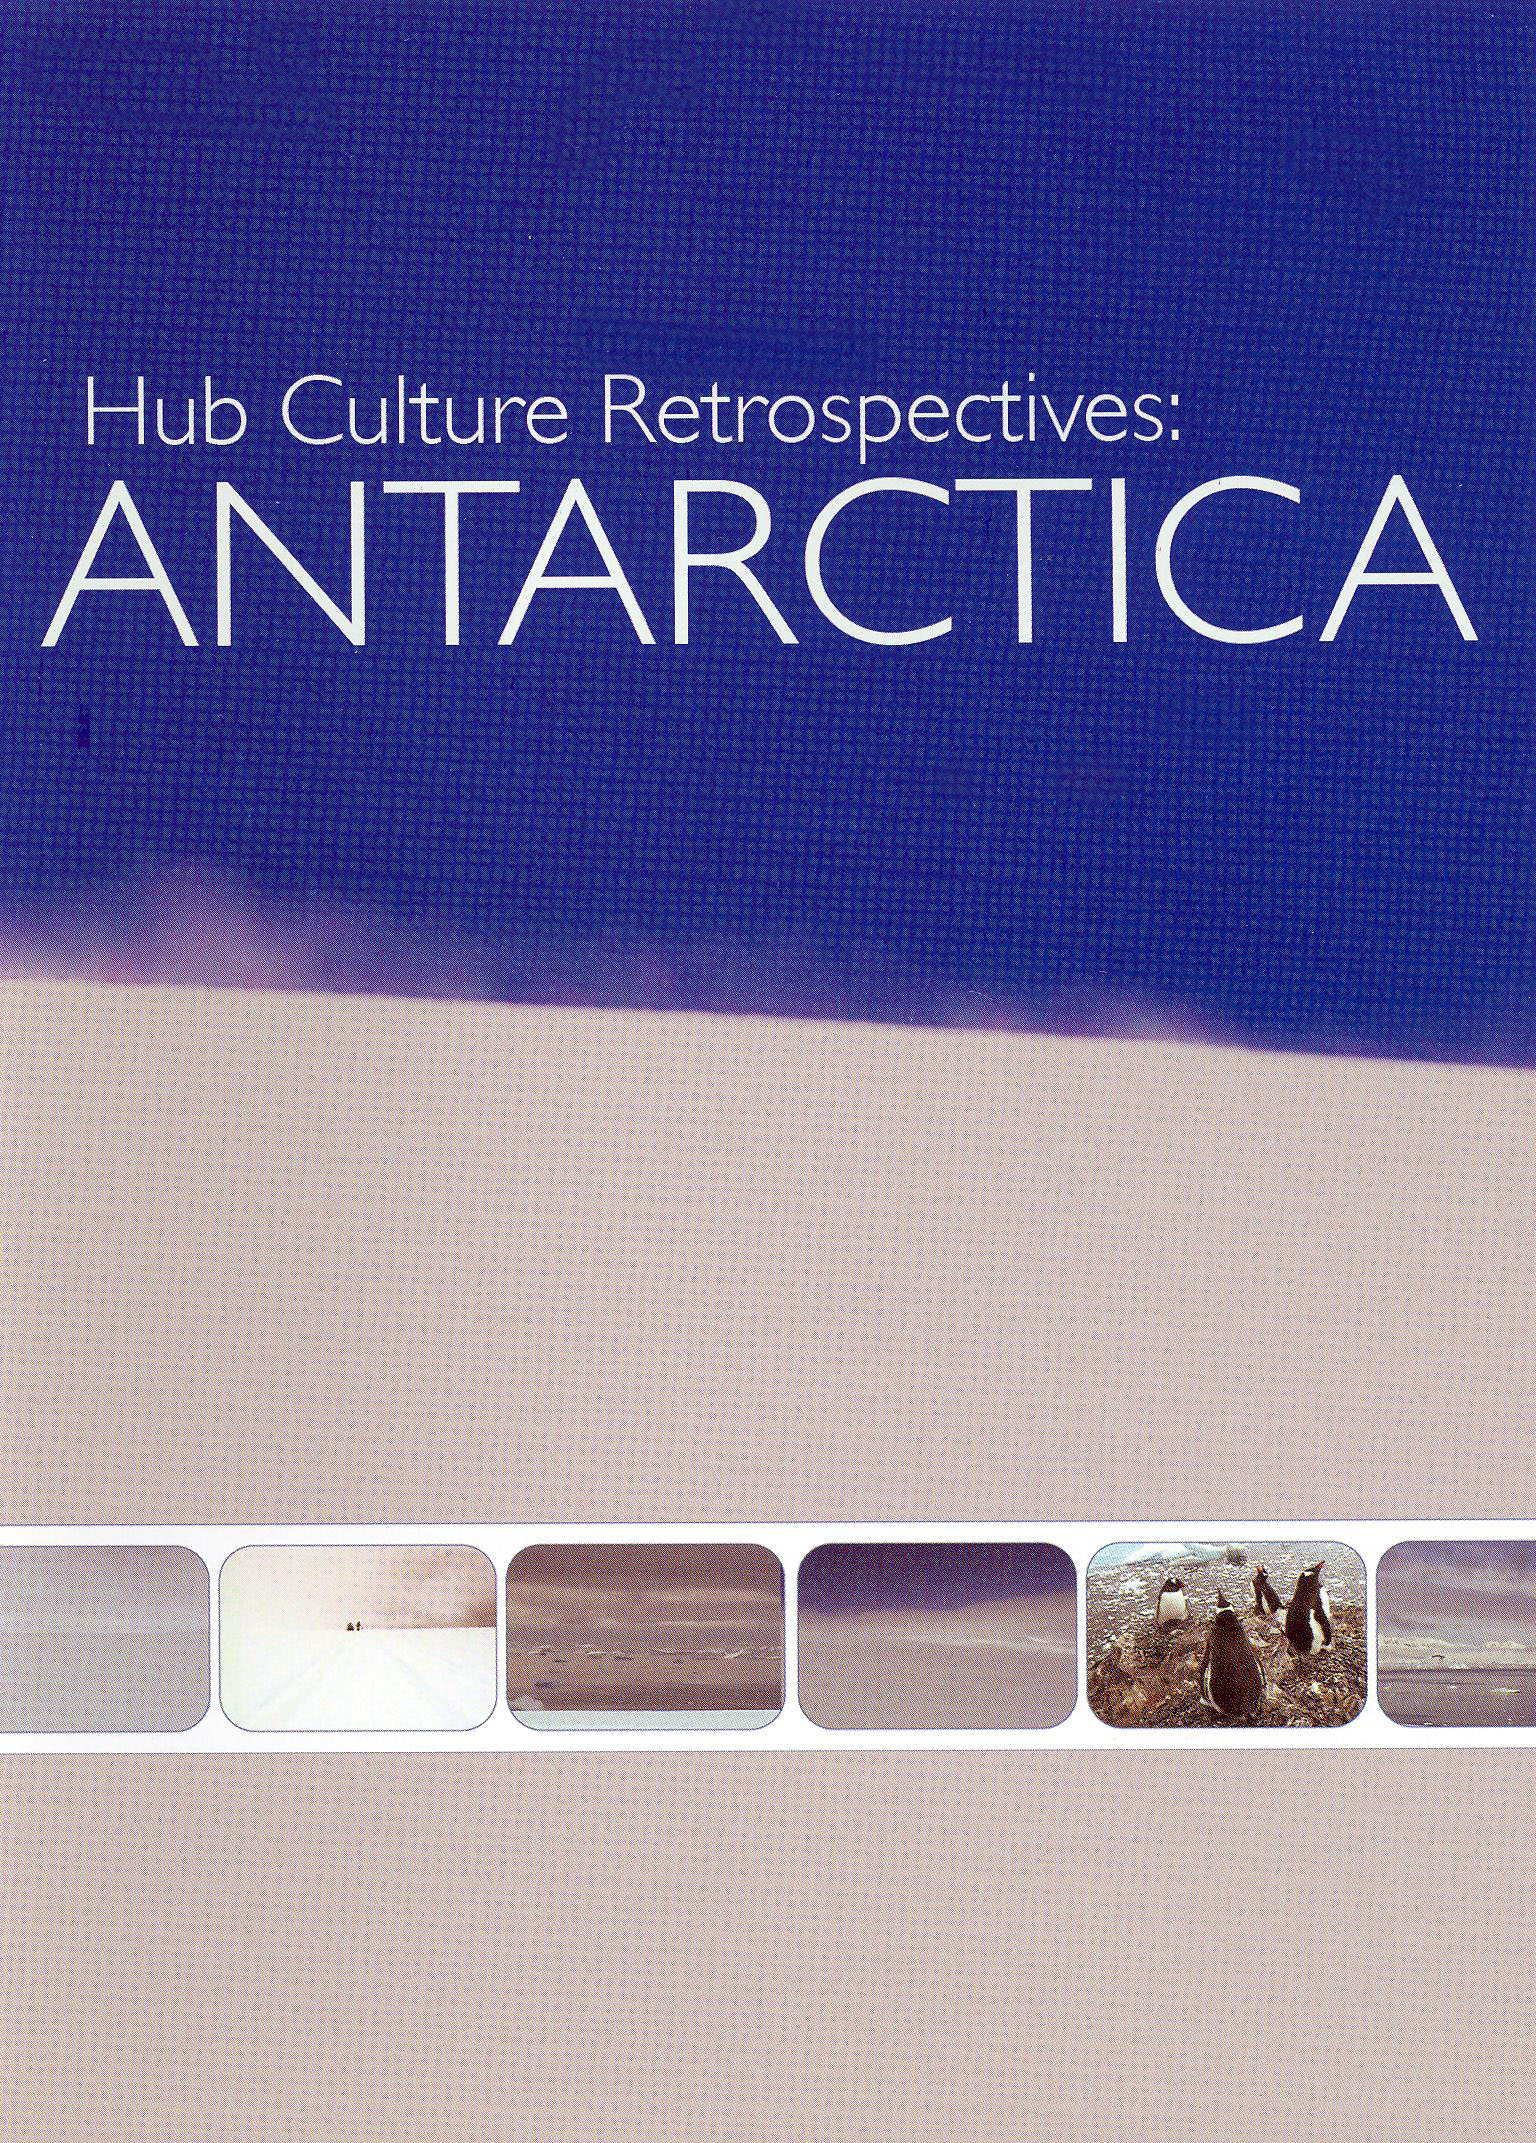 Hub Culture Retrospectives: Antarctica